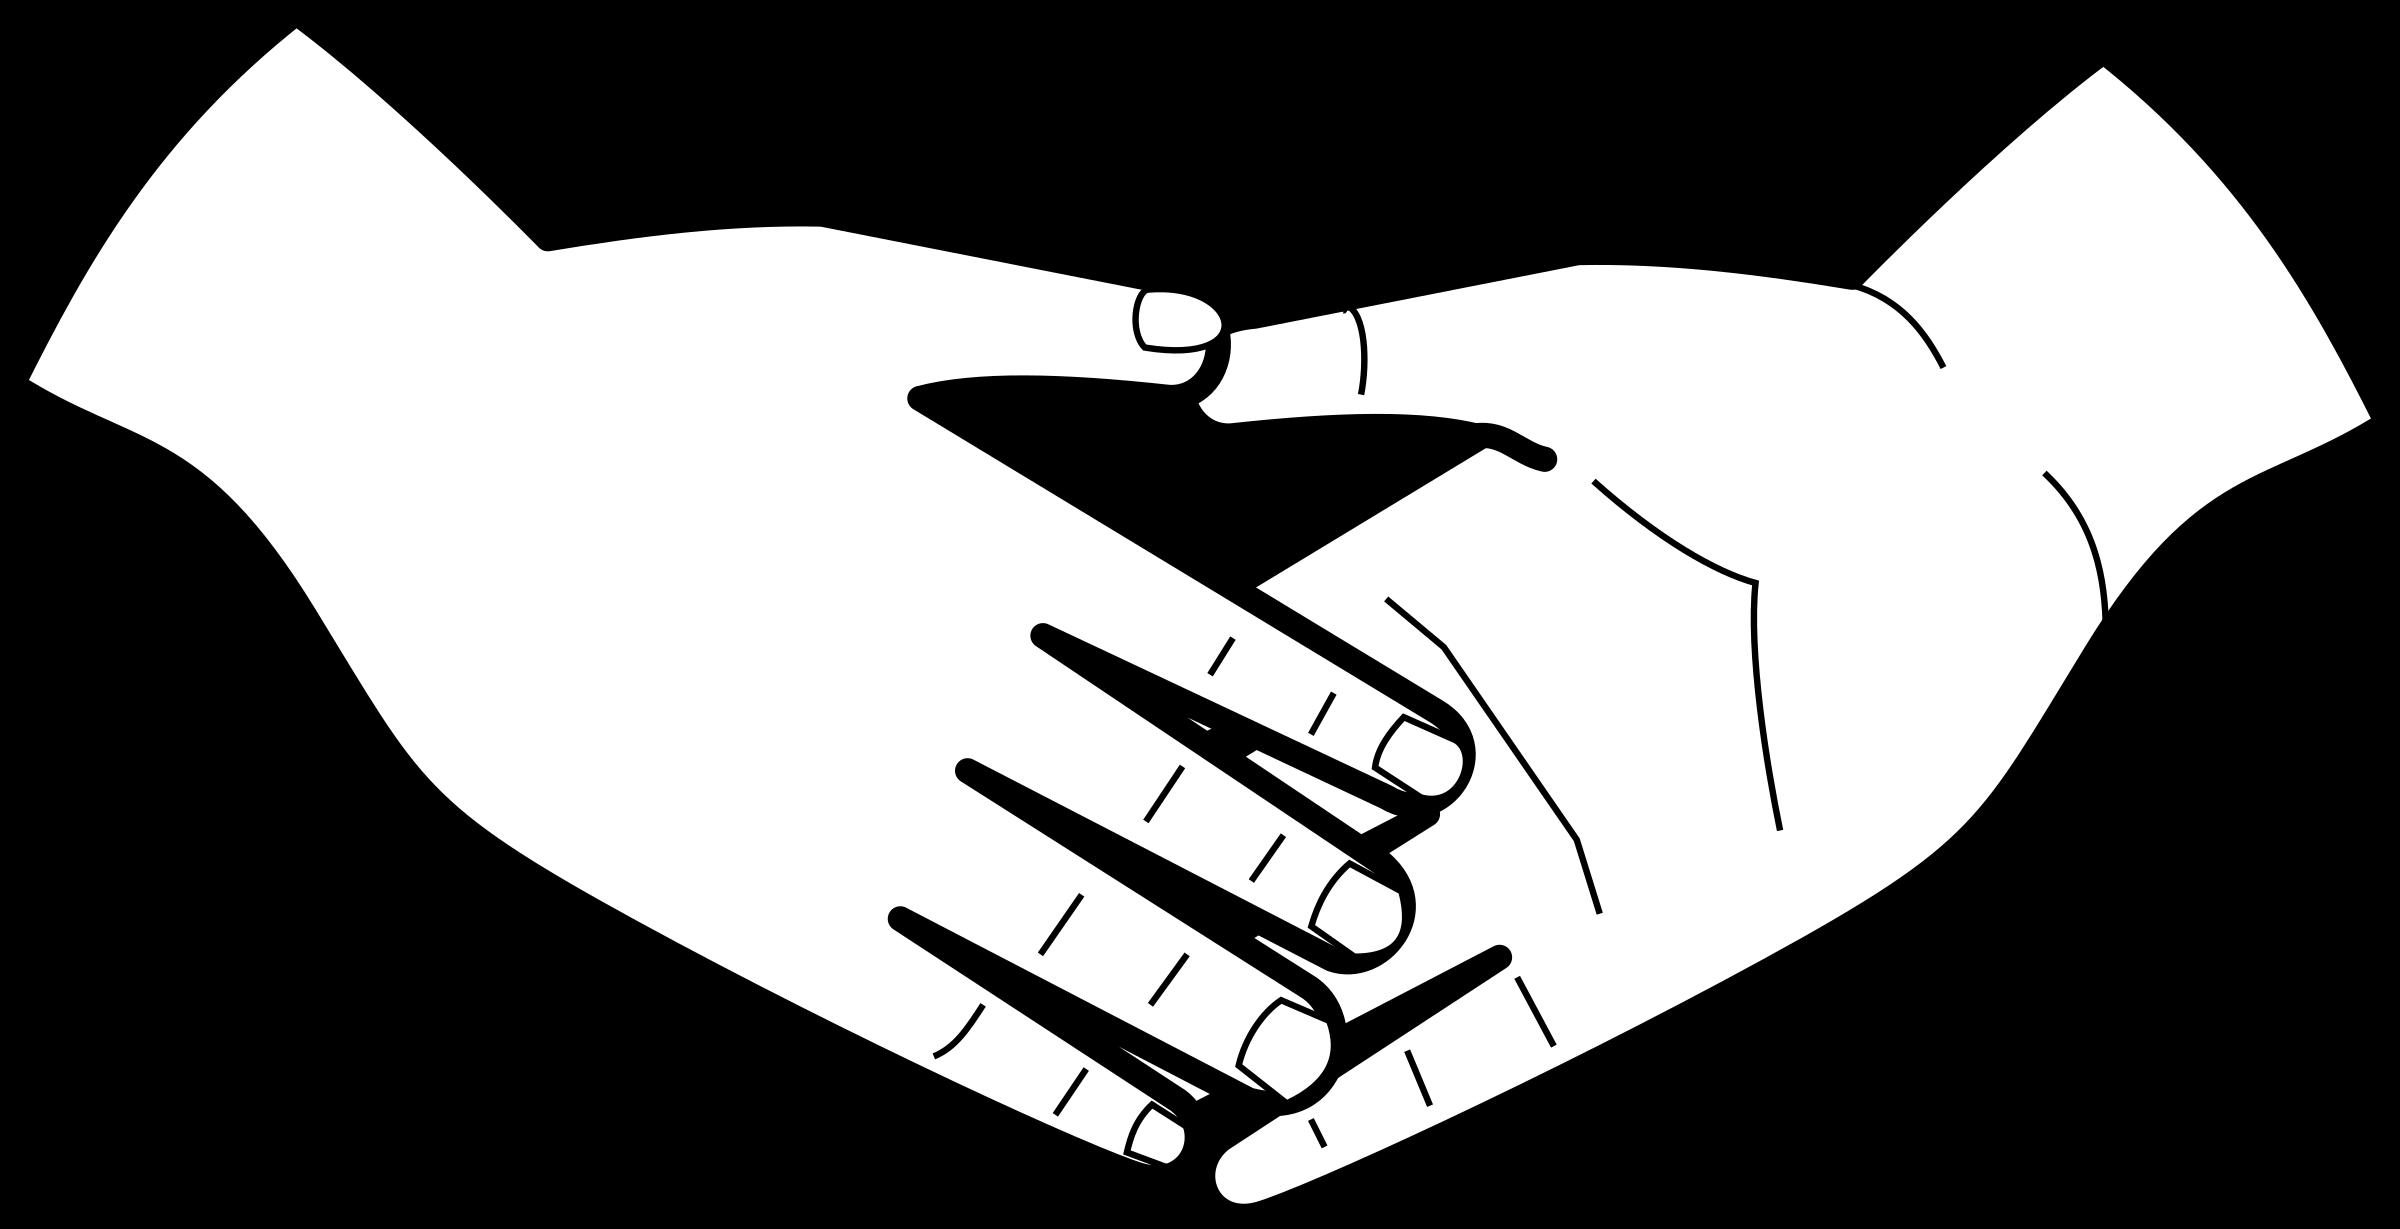 Handshake clipart outline. Shaking hands big image